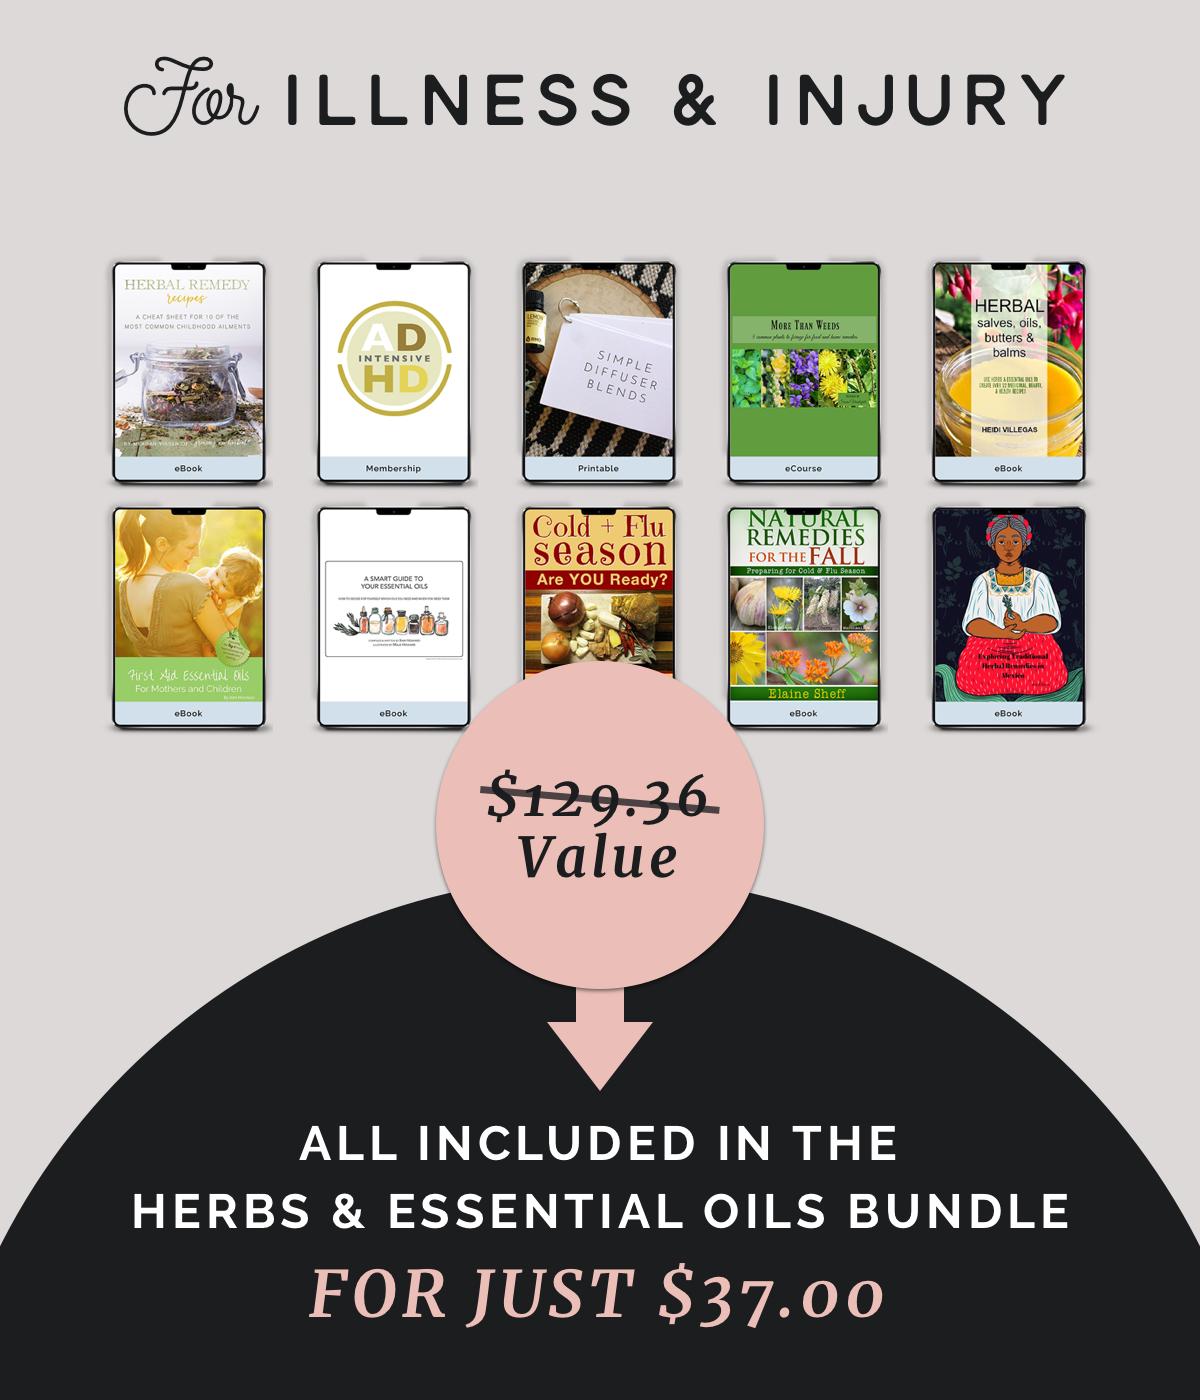 illness, injury, herbs, essential oils, resources, bundle